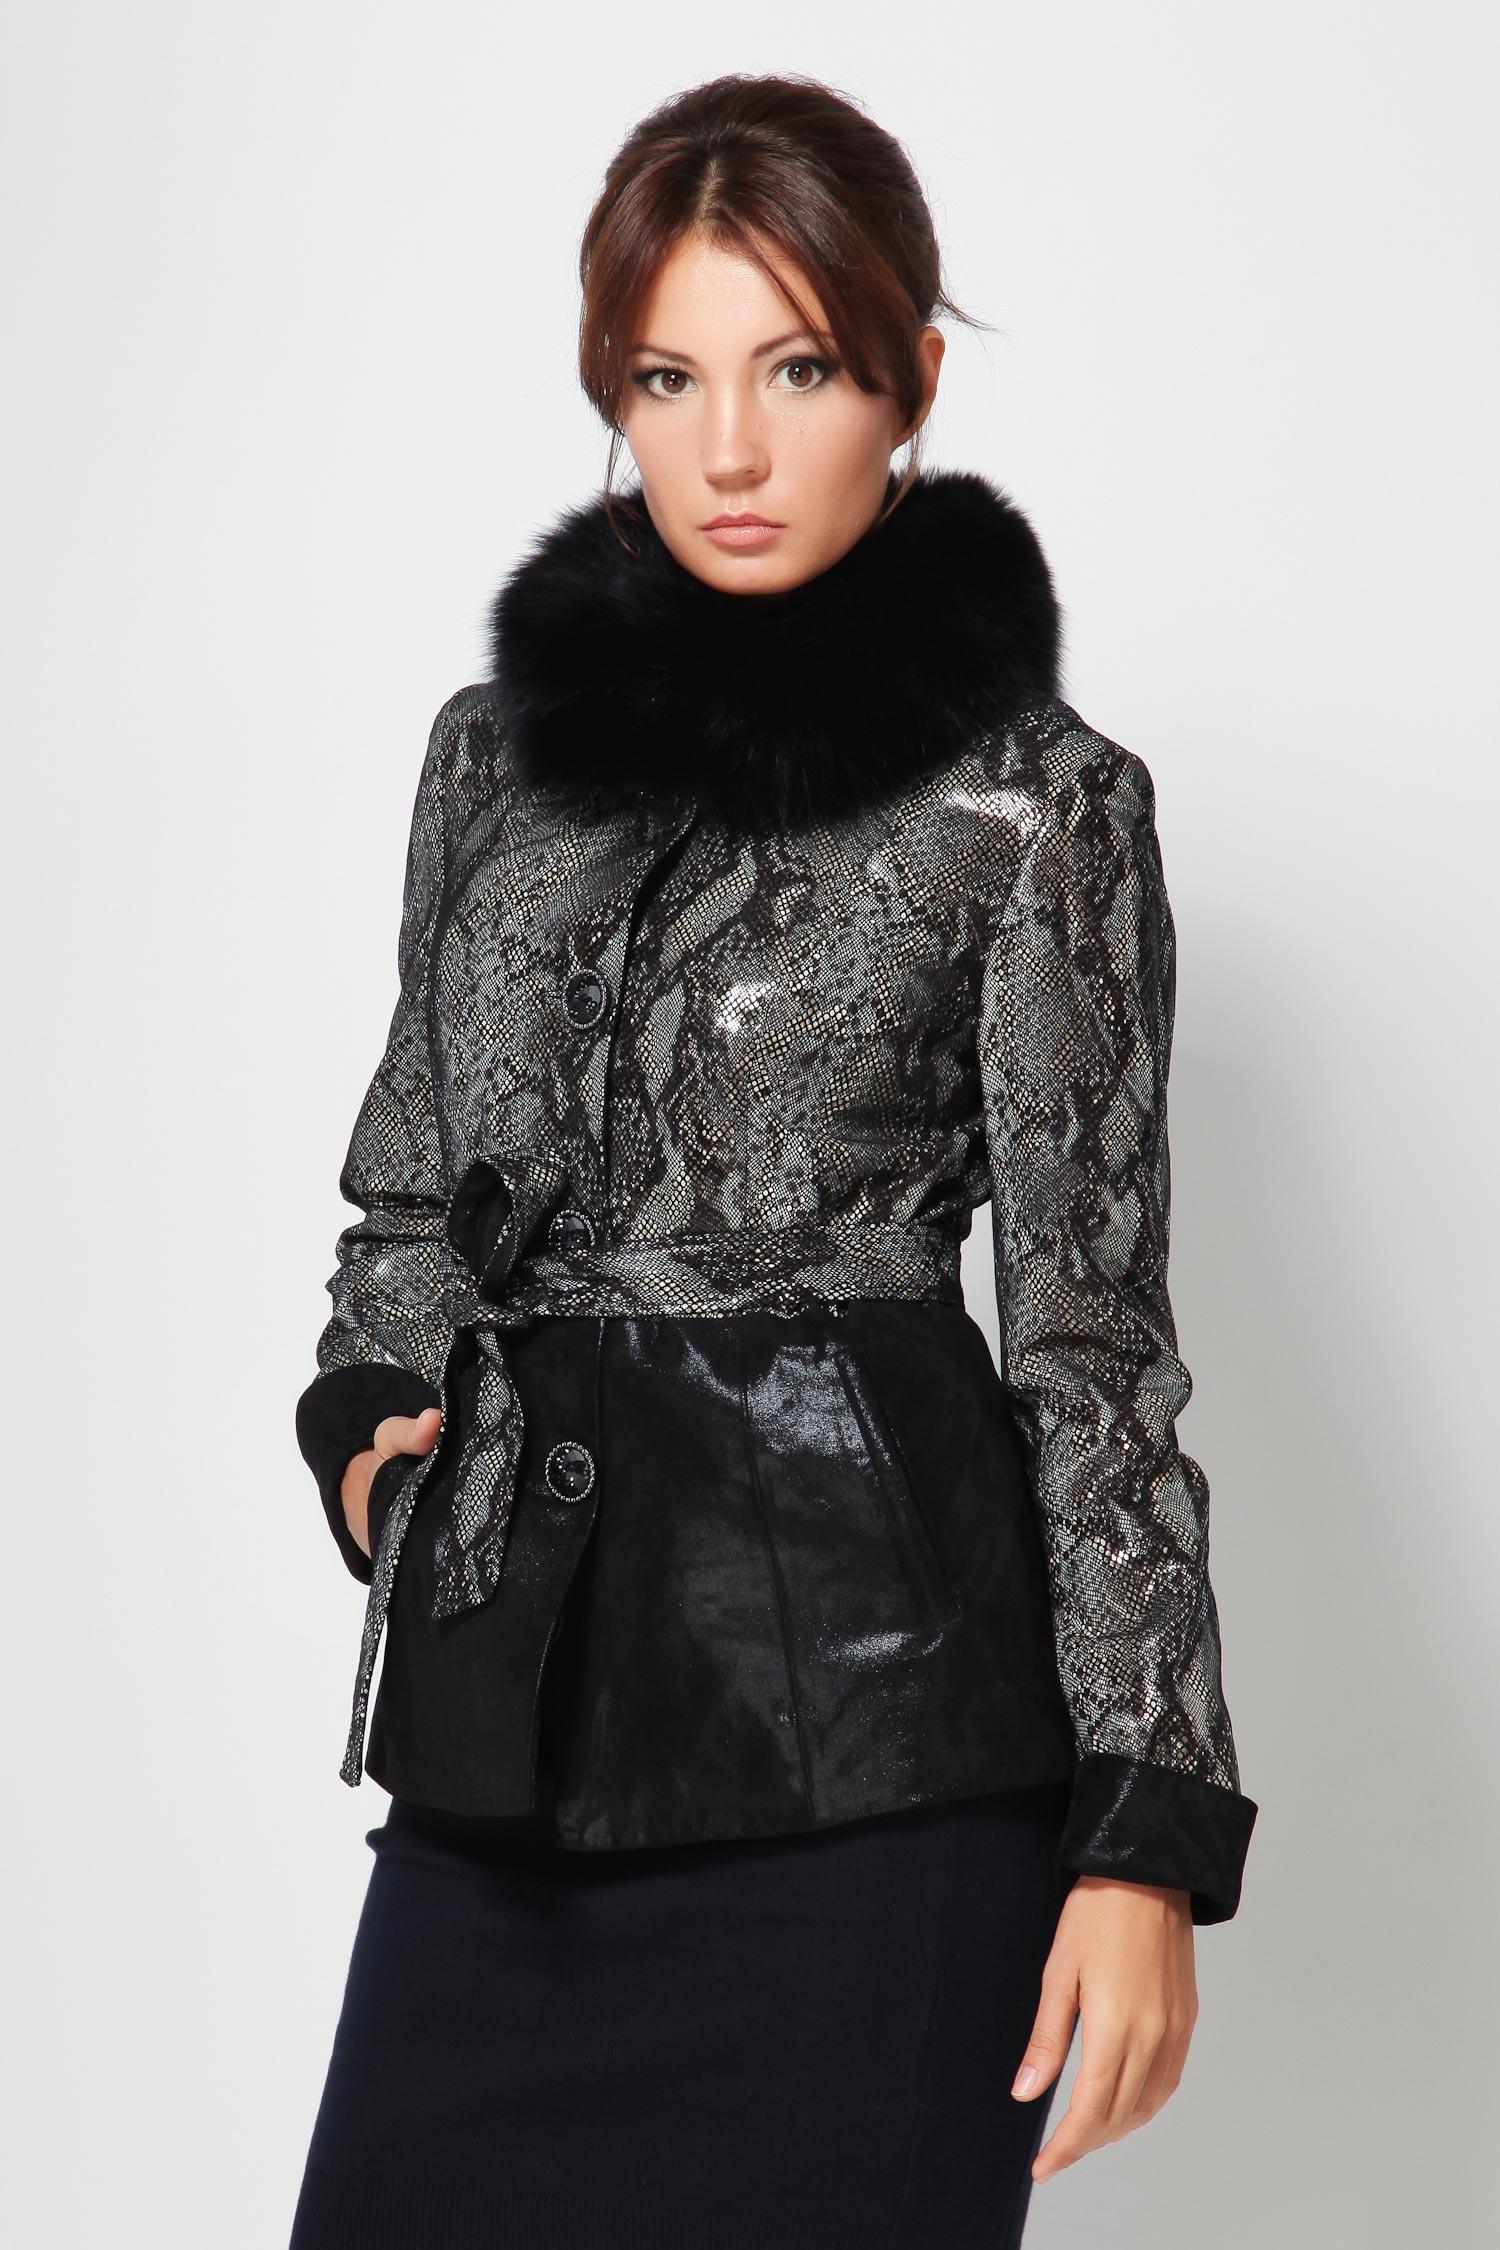 Женская кожаная кожаная куртка из замши (с накатом) с воротником, отделка песец